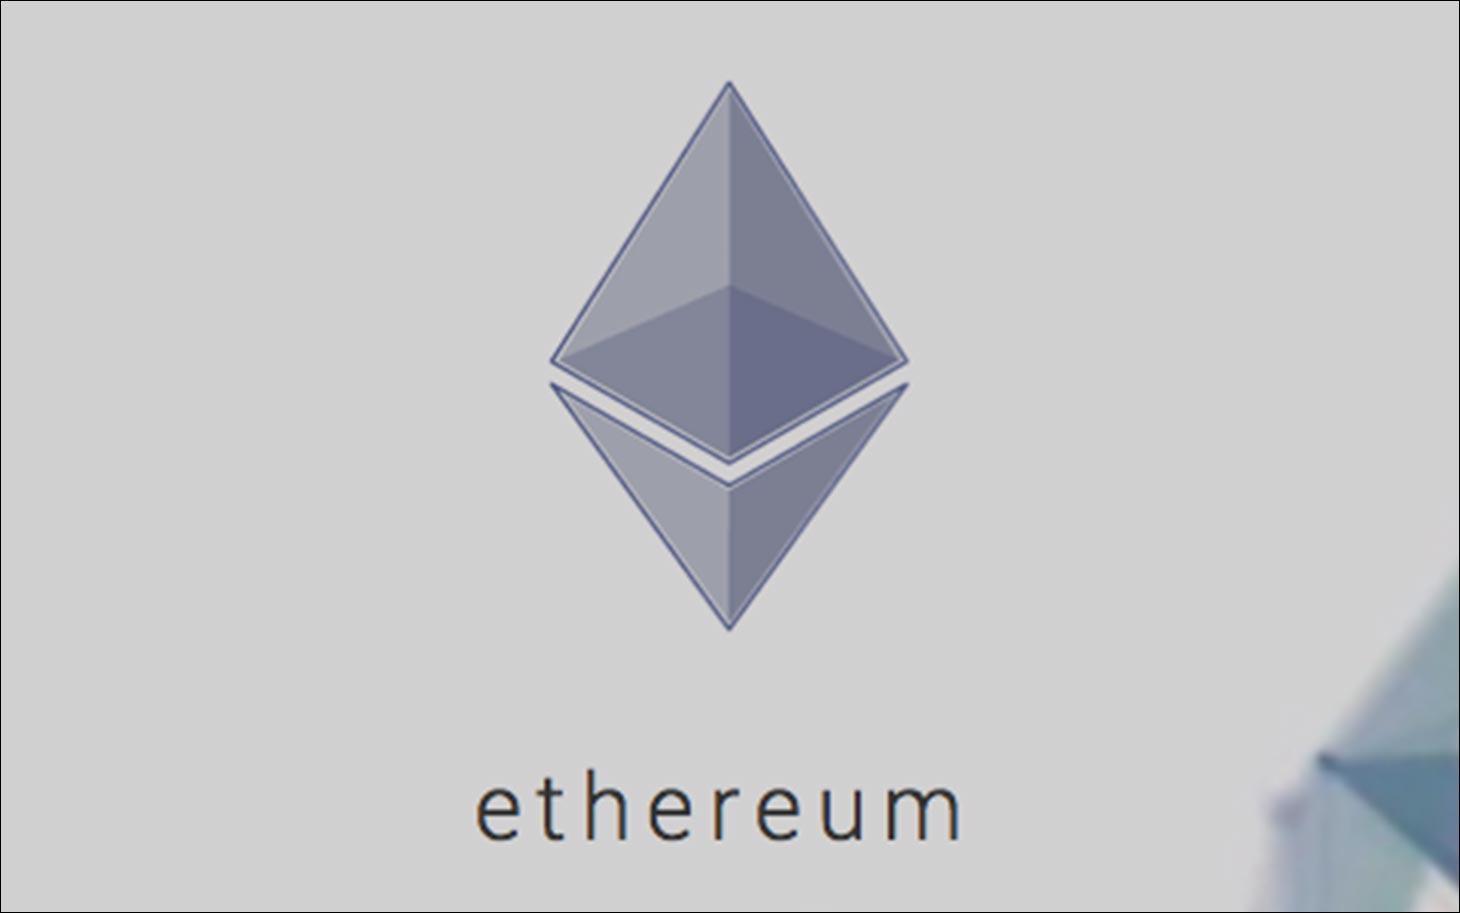 Появился биткоин-банкомат, продающий криптовалюту Ethereum